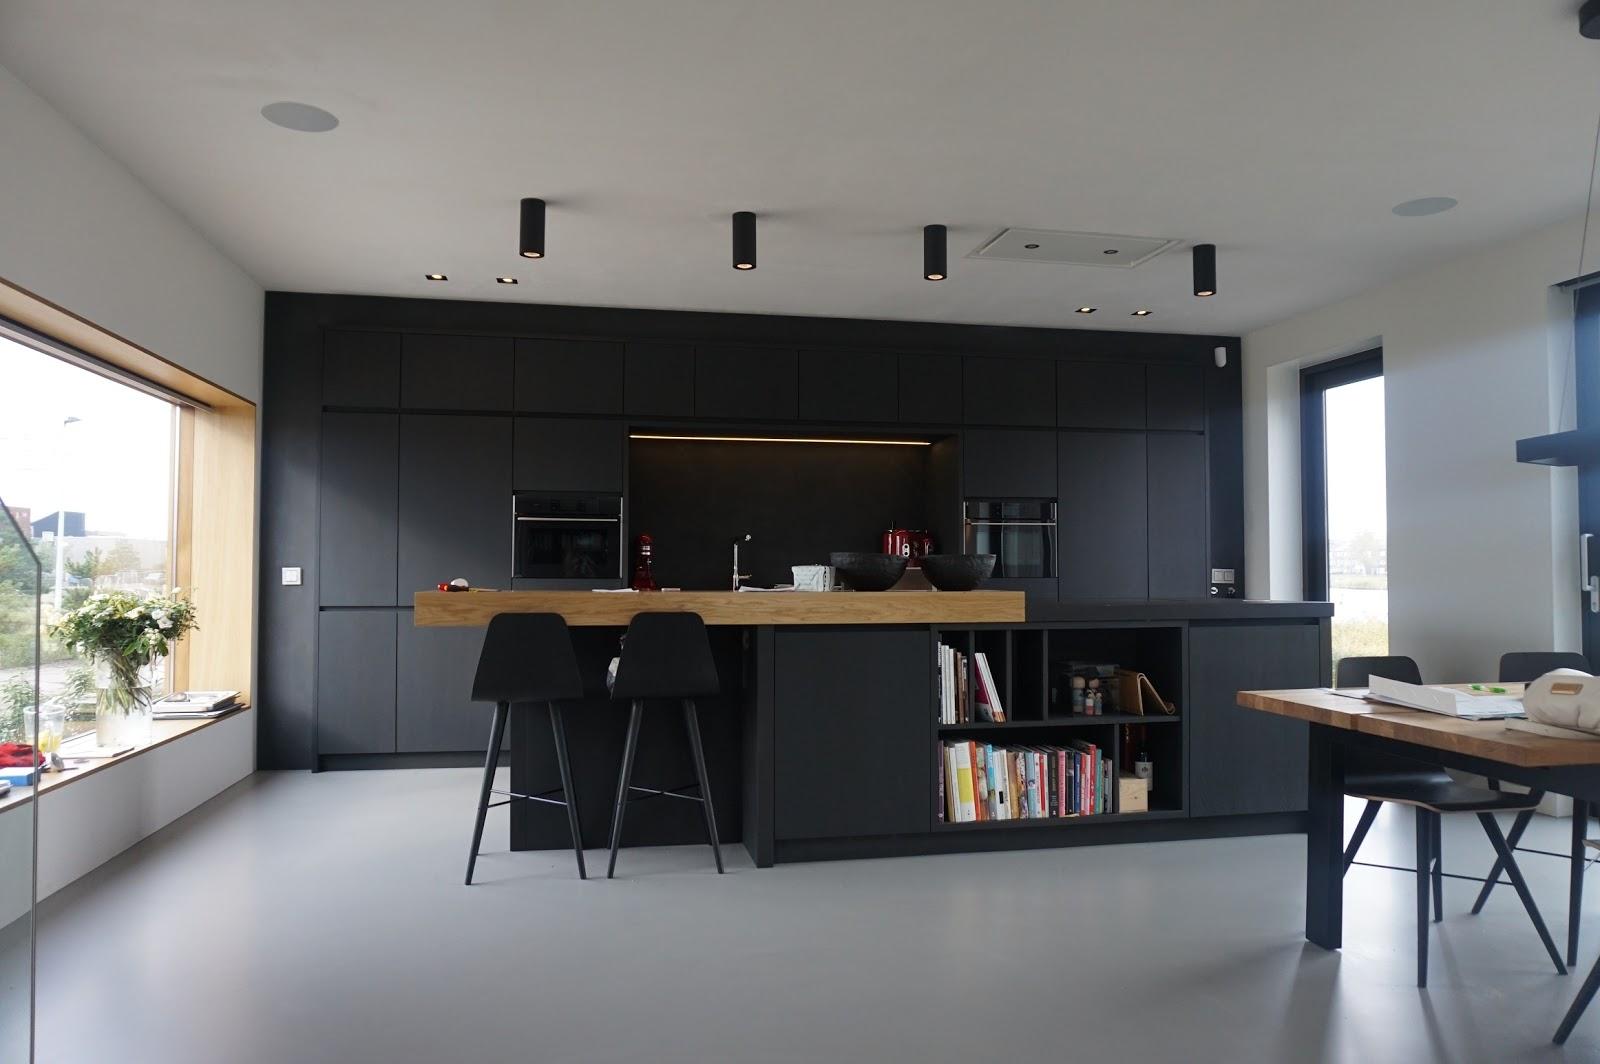 Landelijk Keuken Gietvloer : Zwarte keuken gietvloer u informatie over de keuken